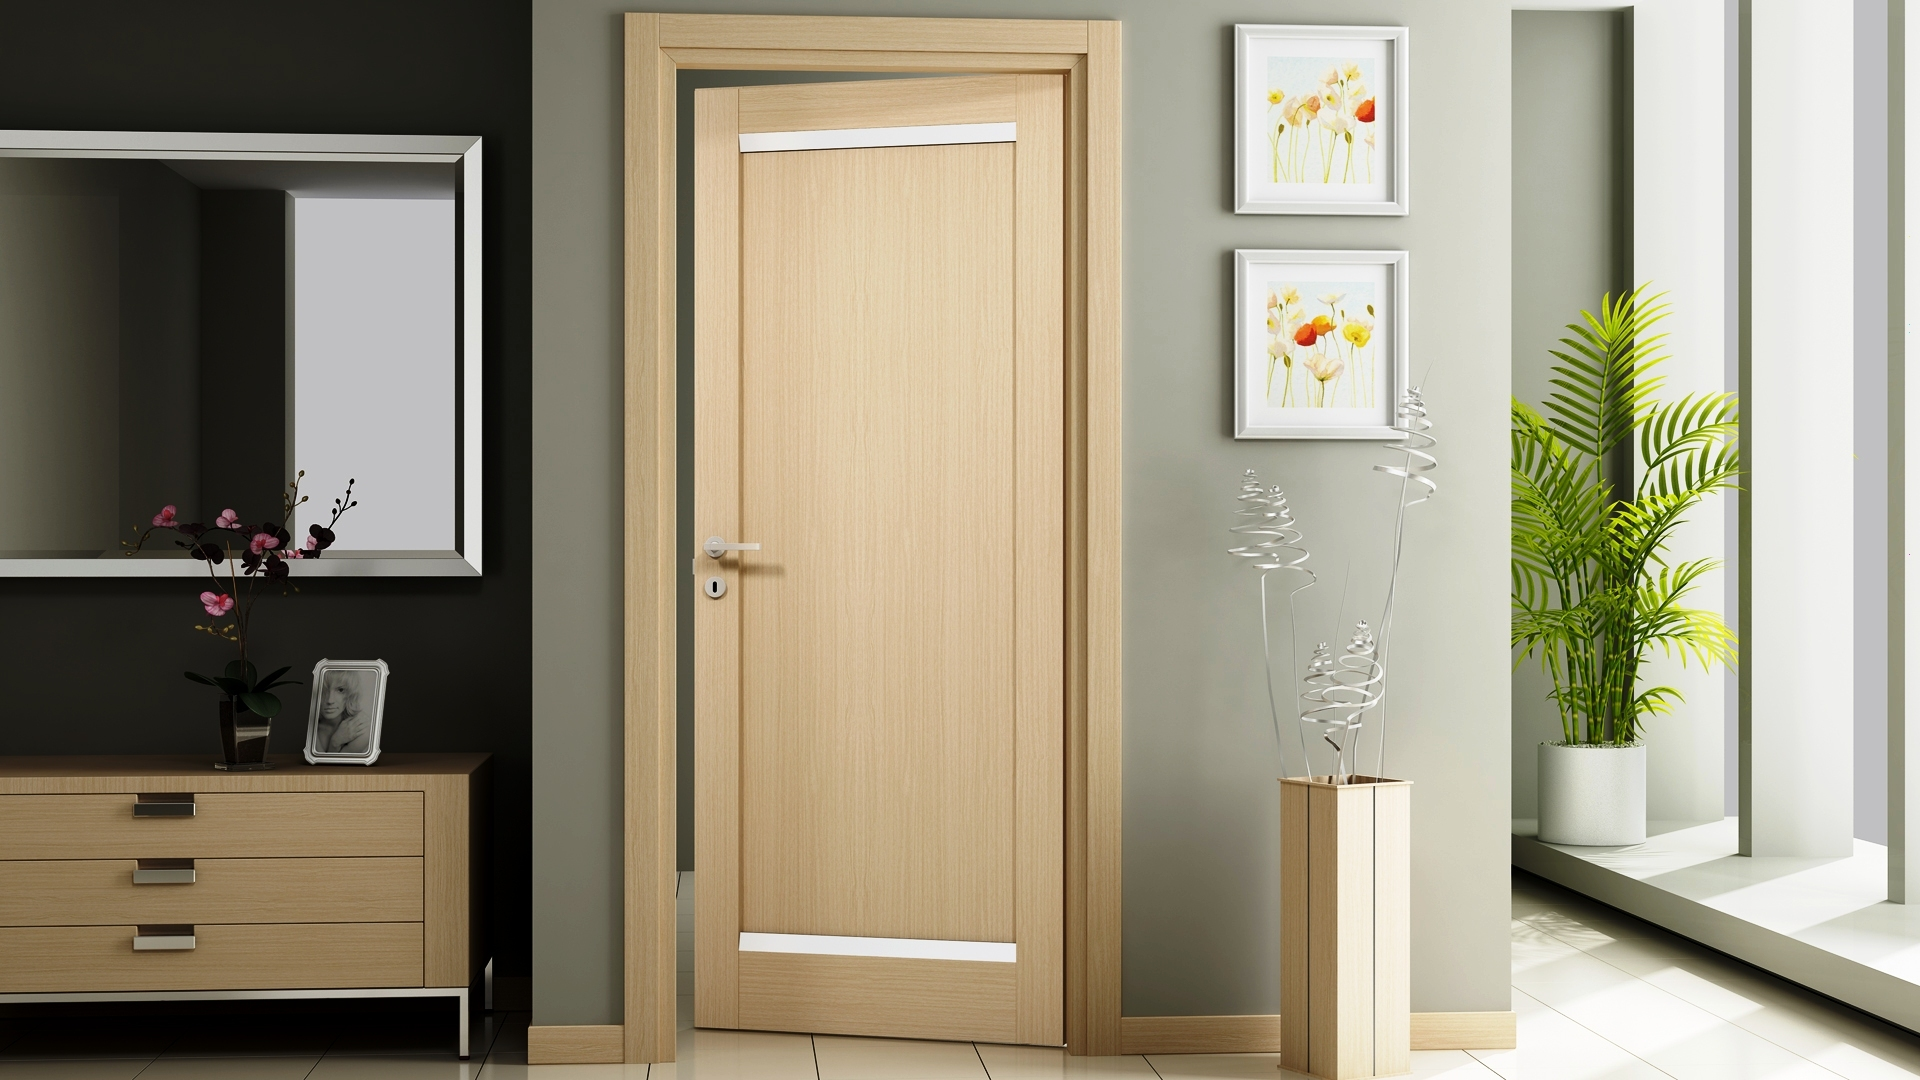 Итальянские межкомнатные двери: высокое качество и изящный внешний вид